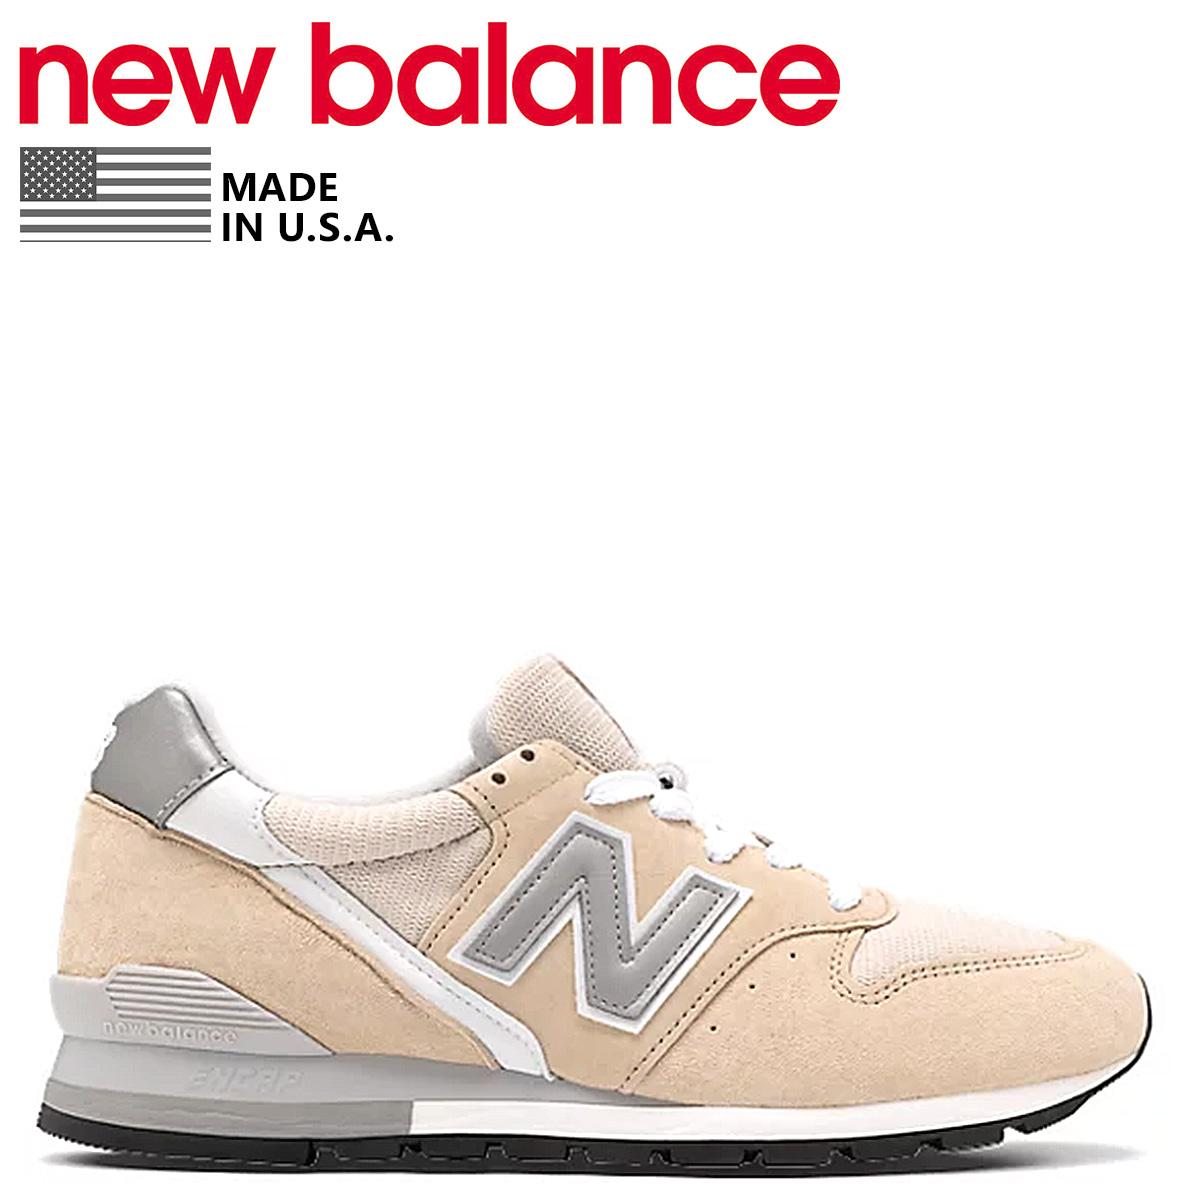 new balance ニューバランス 996 スニーカー メンズ Dワイズ MADE IN USA ベージュ M996CRC [5/8 新入荷]